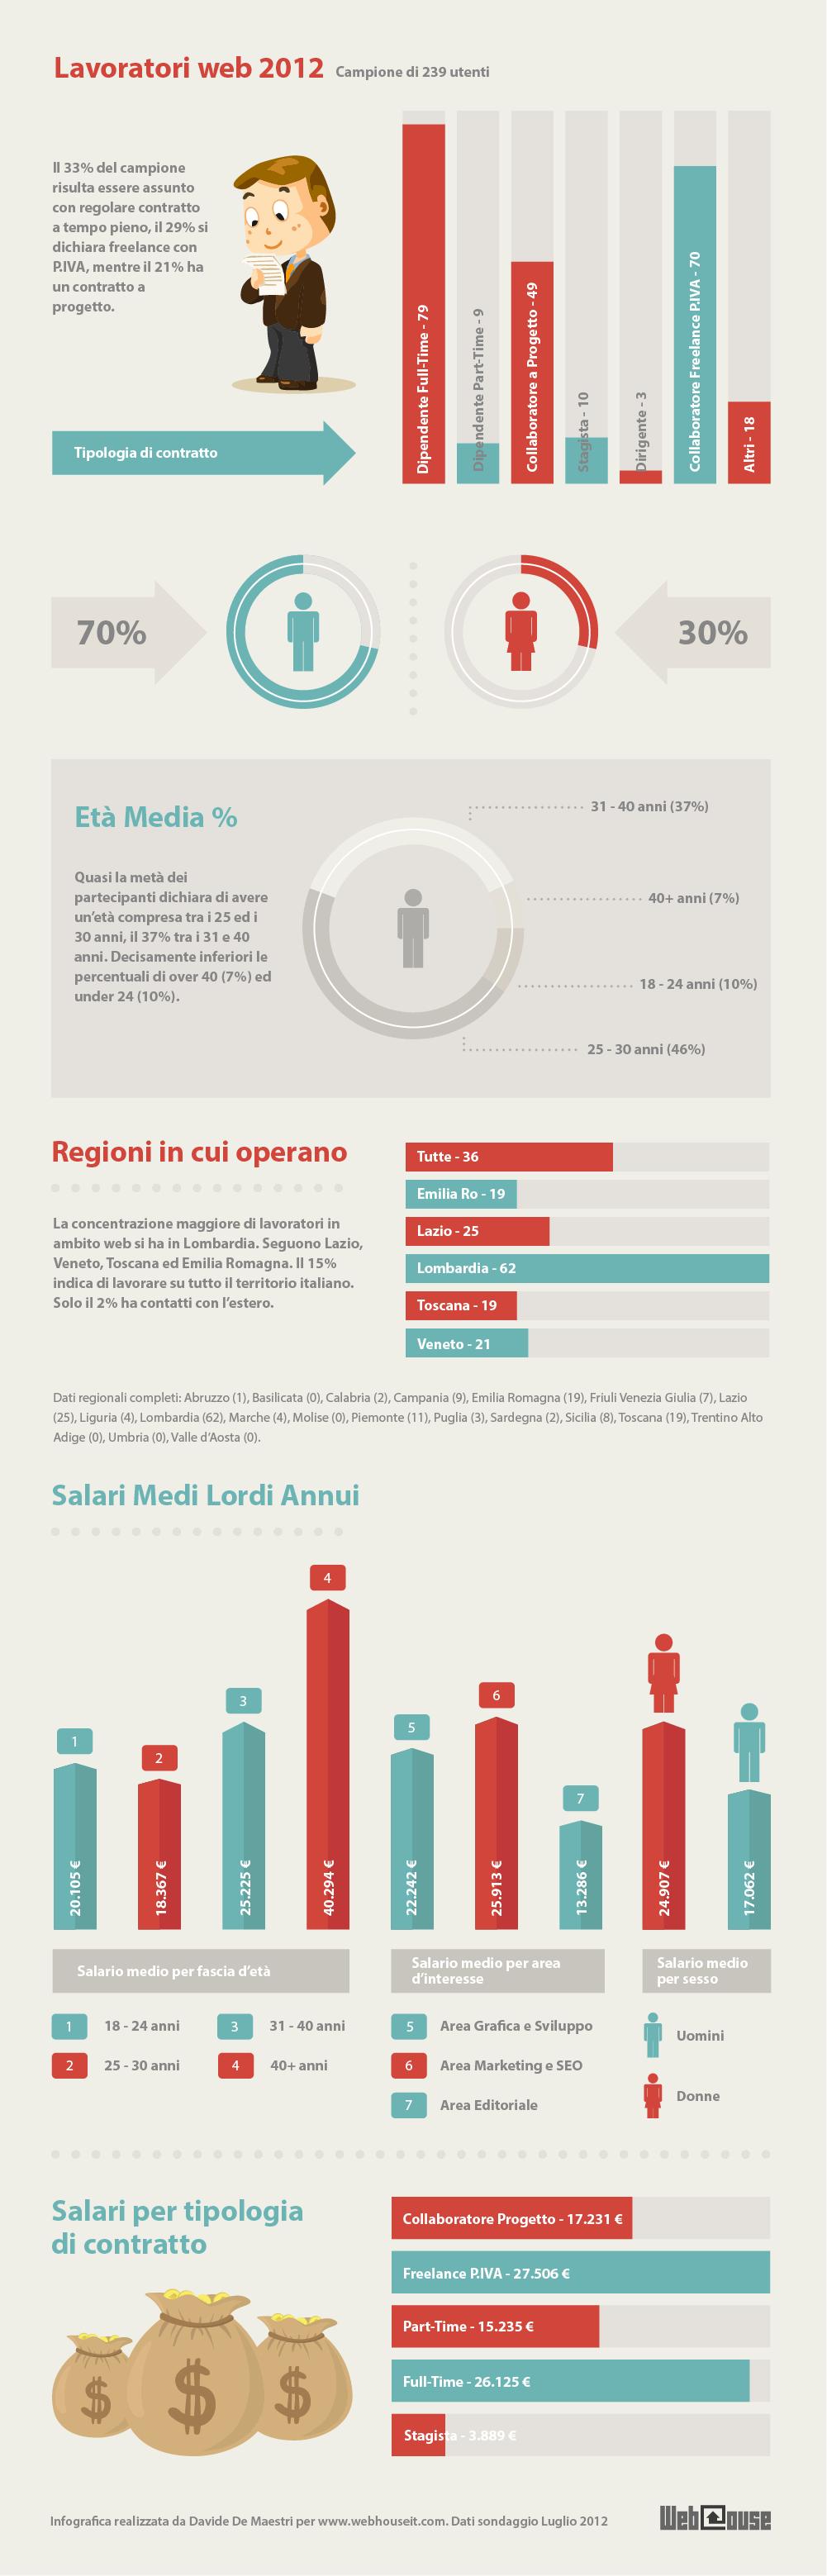 Infografica Stipendi Lavoratori Web